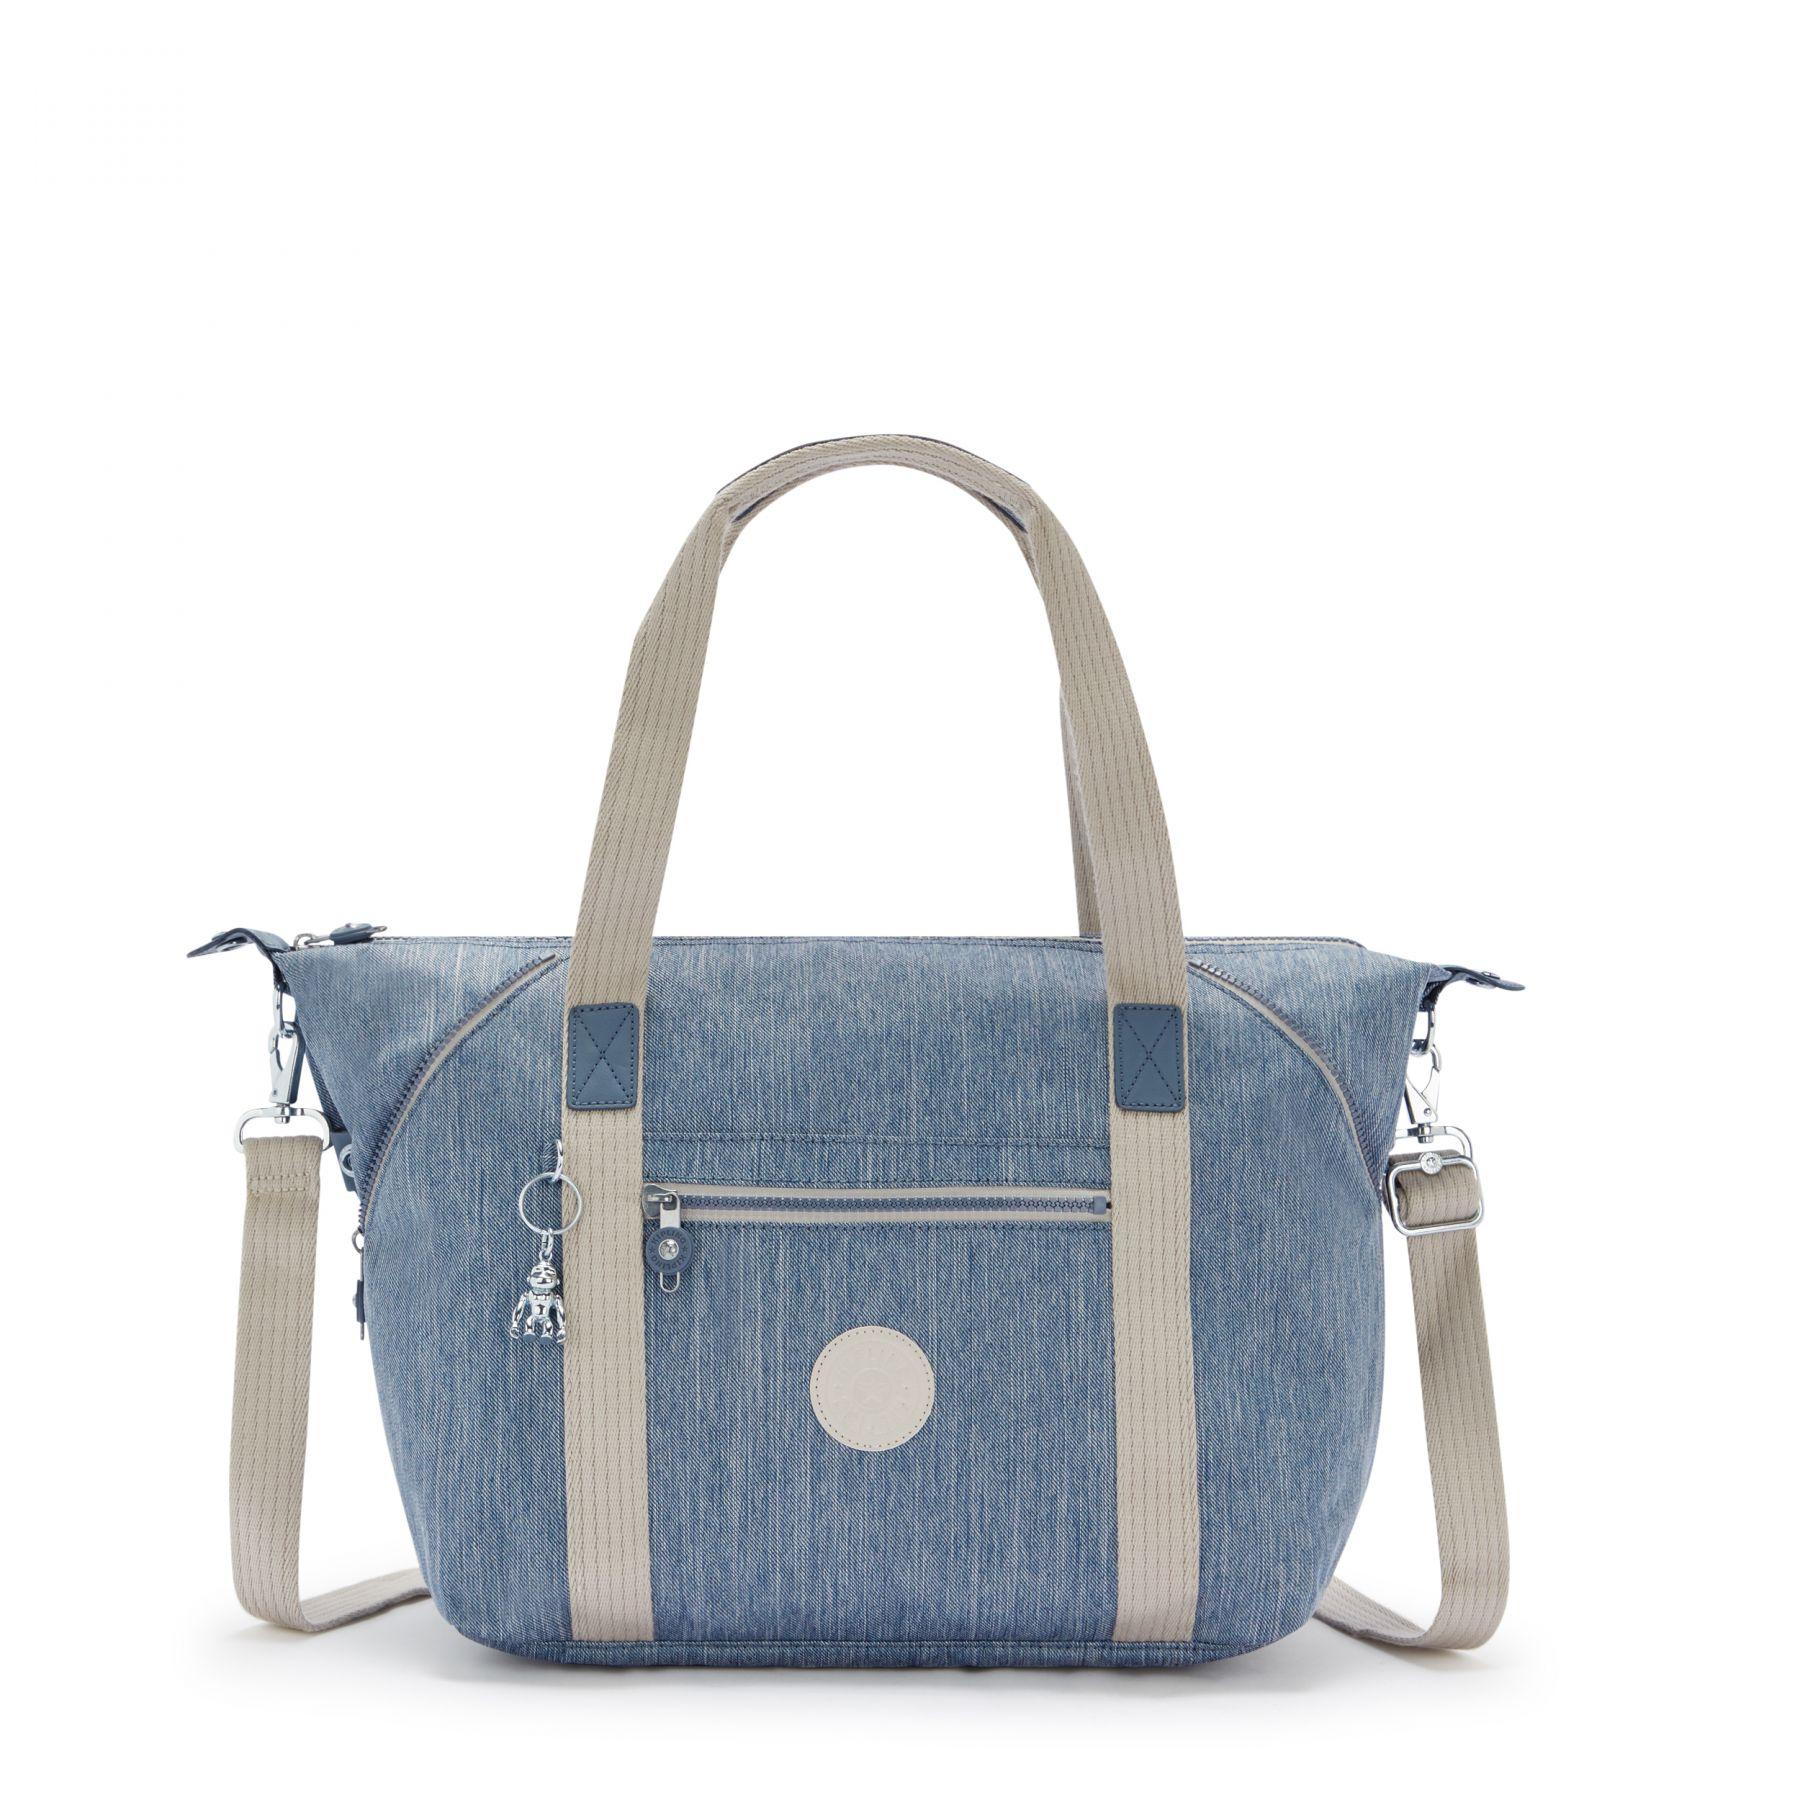 ART BAGS by Kipling